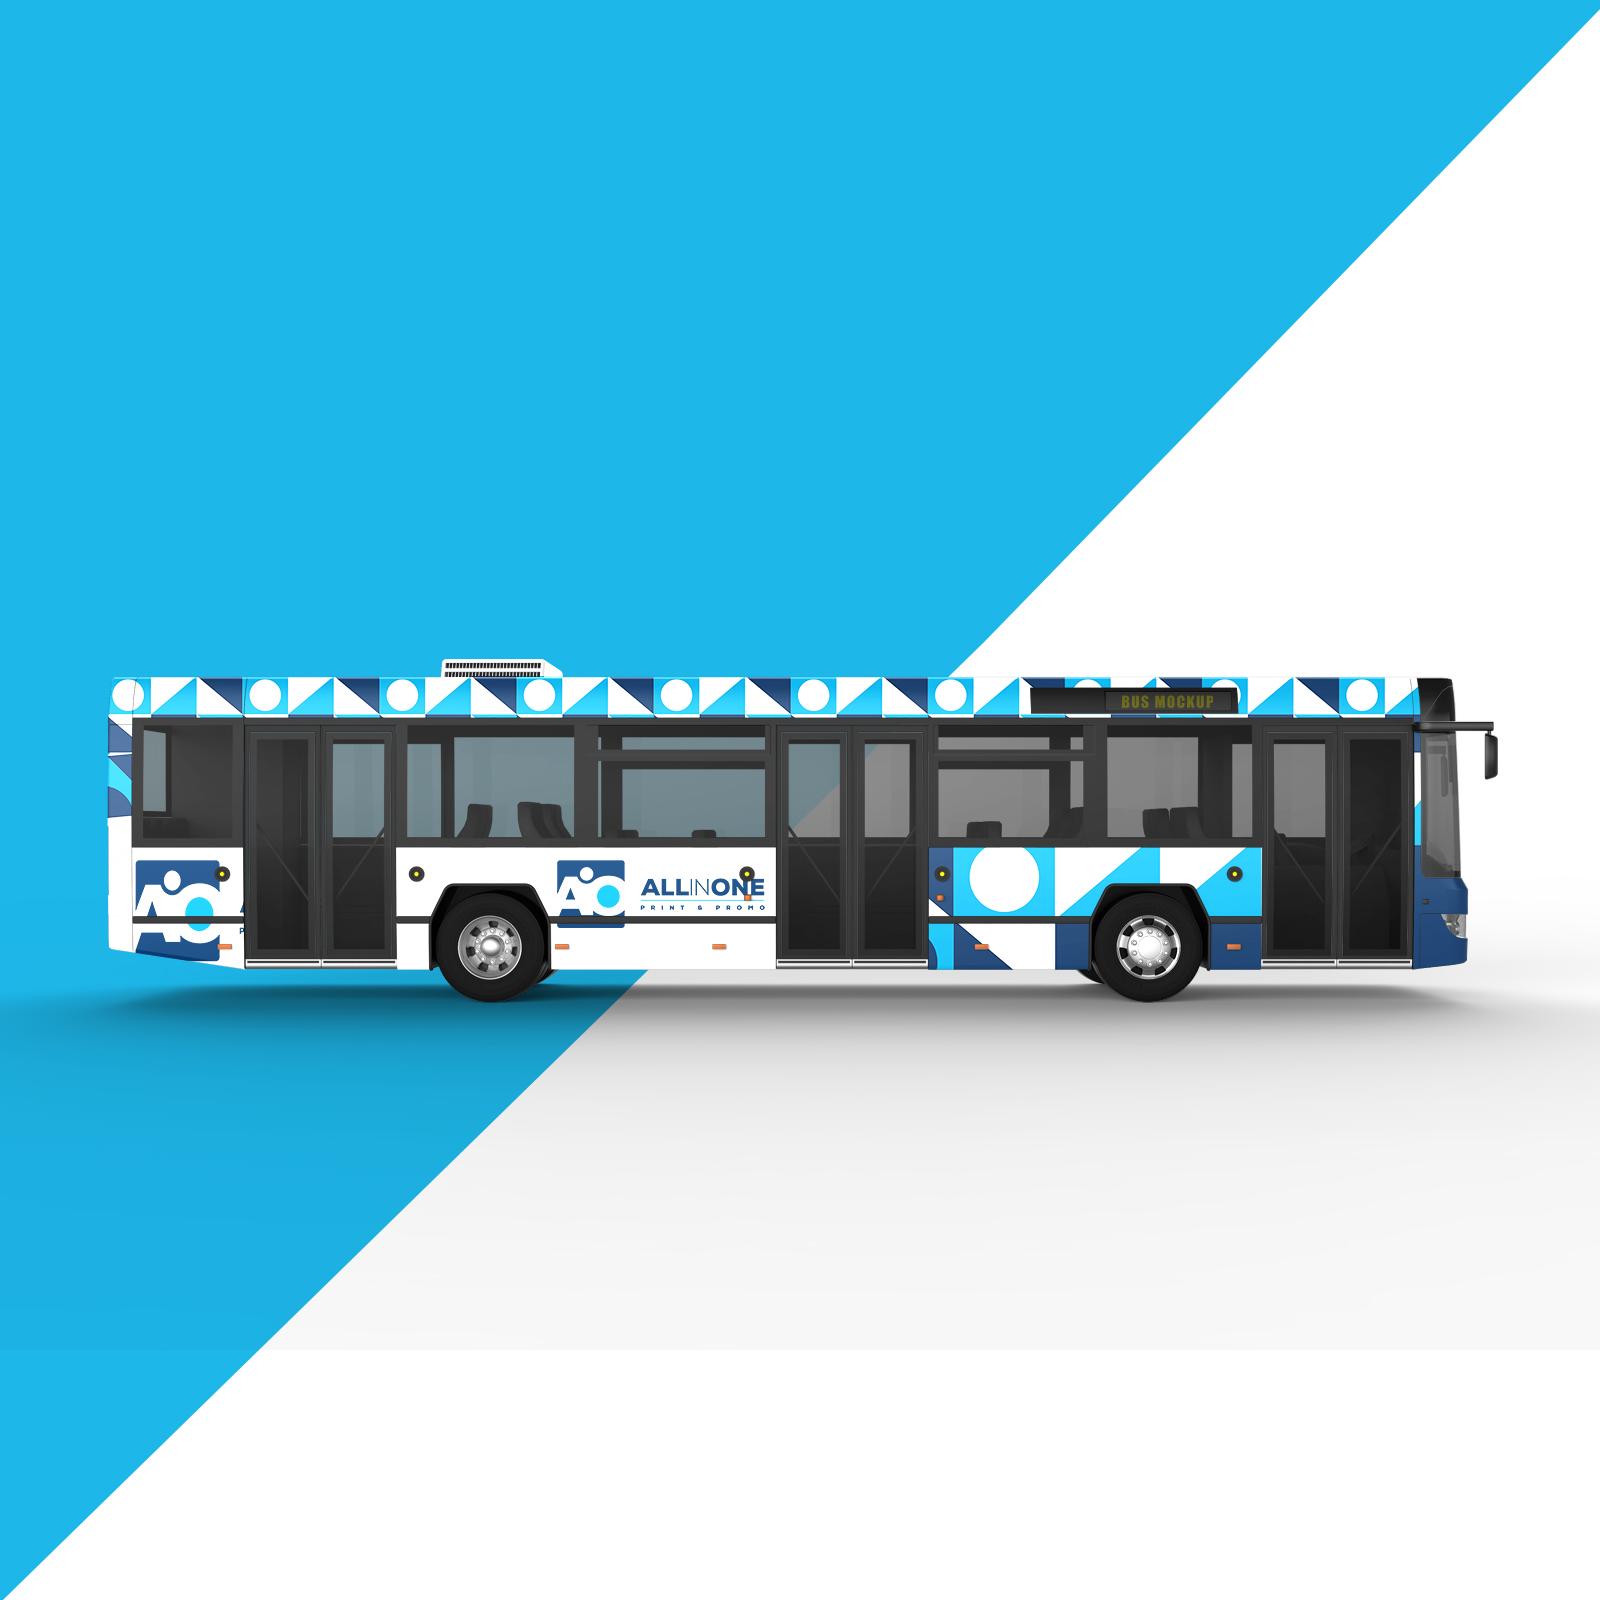 Brendiranje autobusa